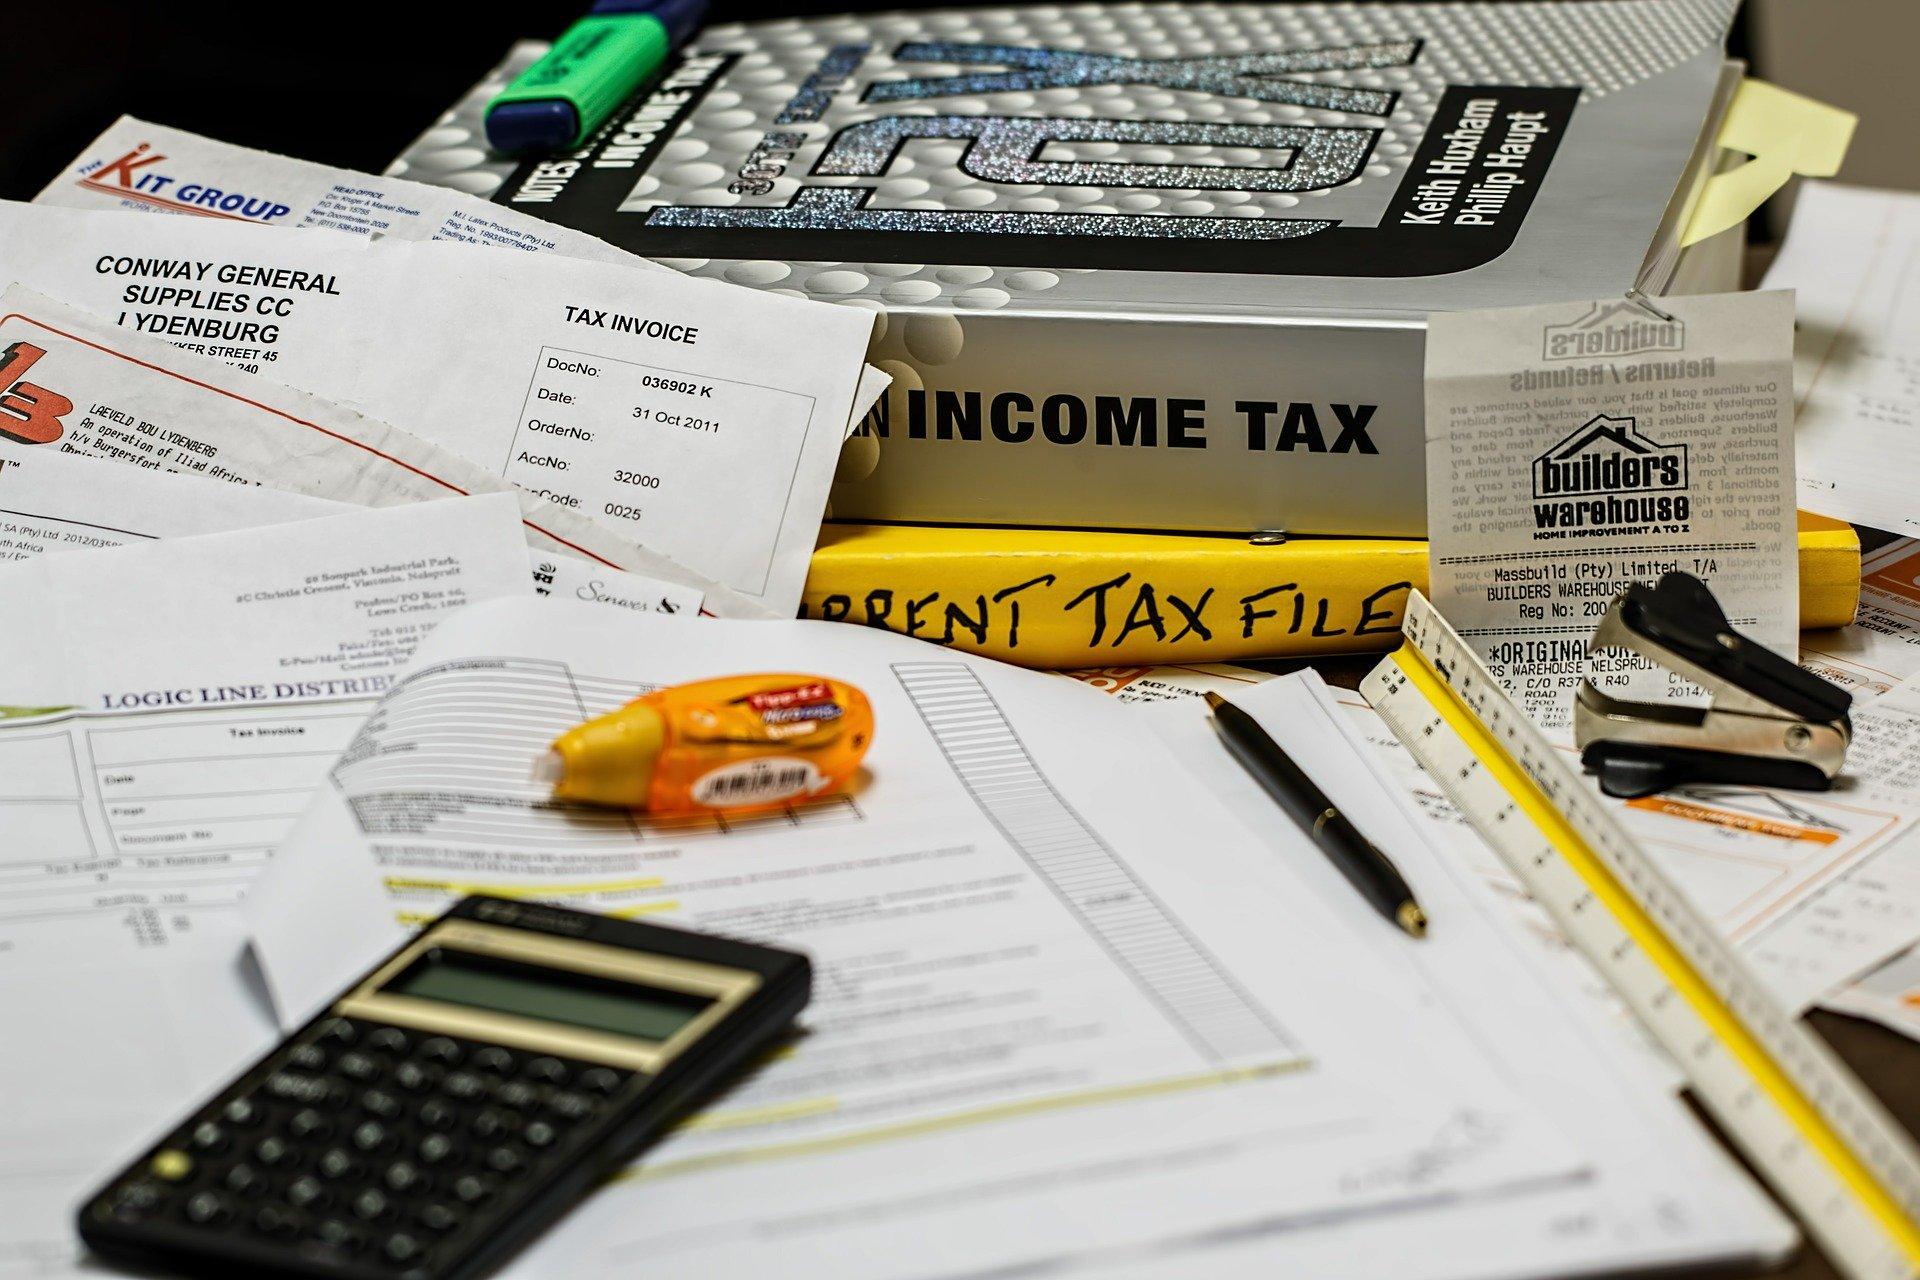 tax books, tax forms, tax levy, tax levies, strategic tax resolution